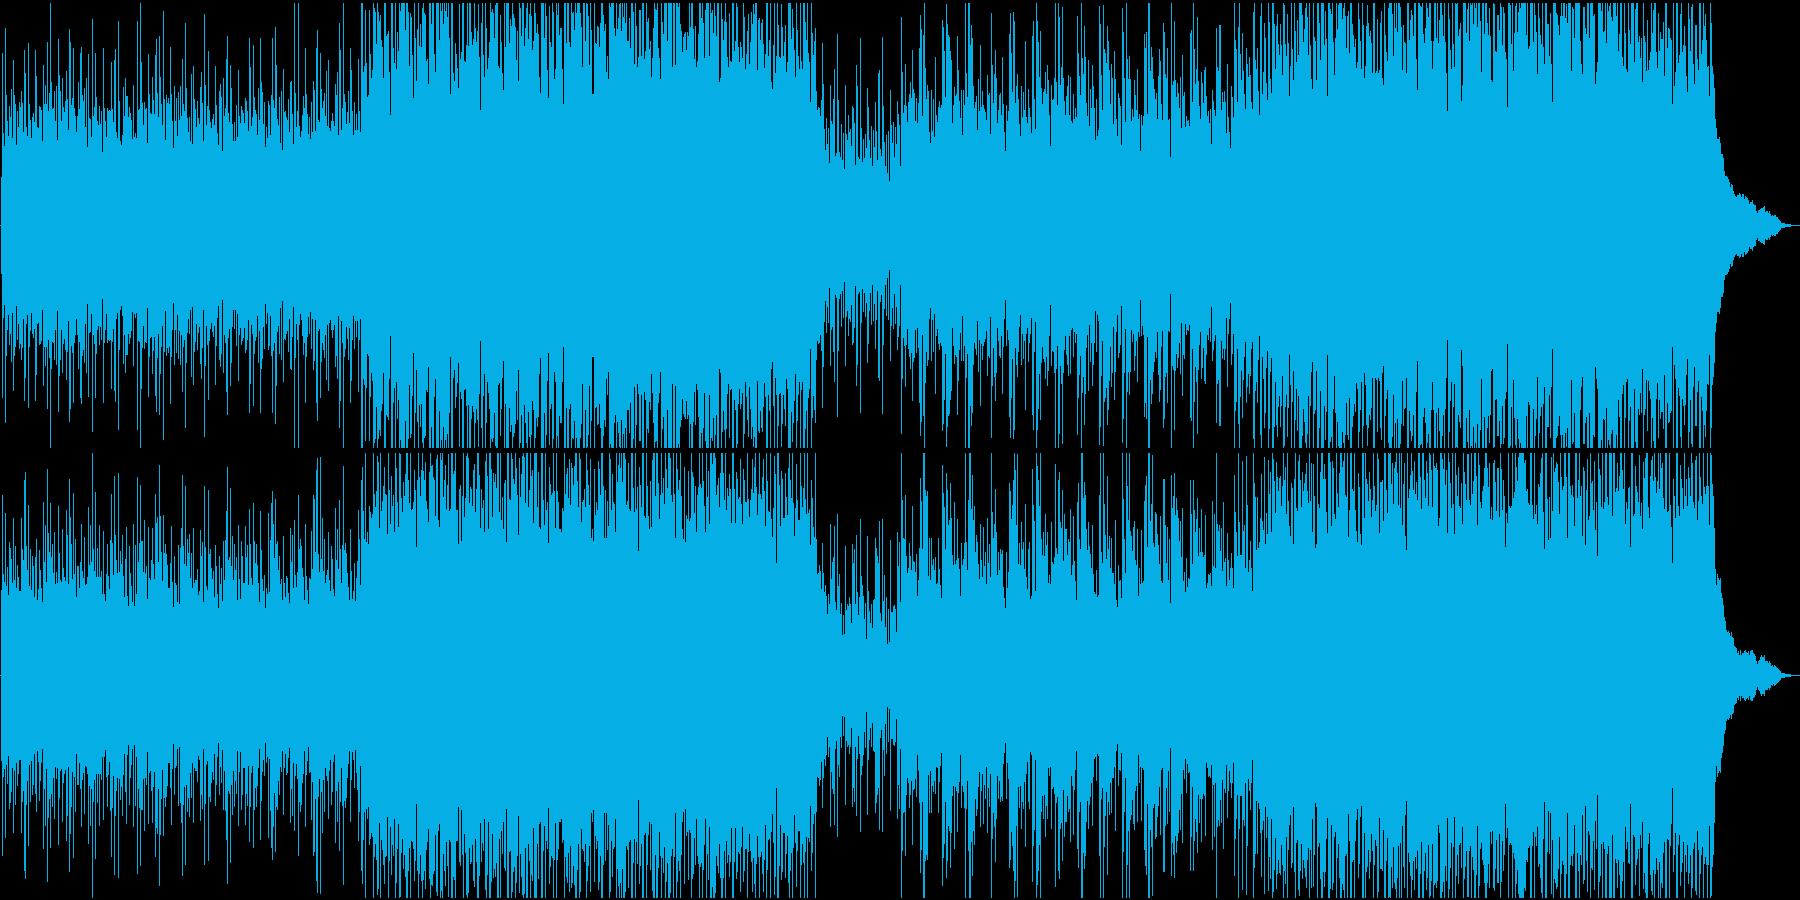 シェイクスピアの時代の映像のBGM風の再生済みの波形